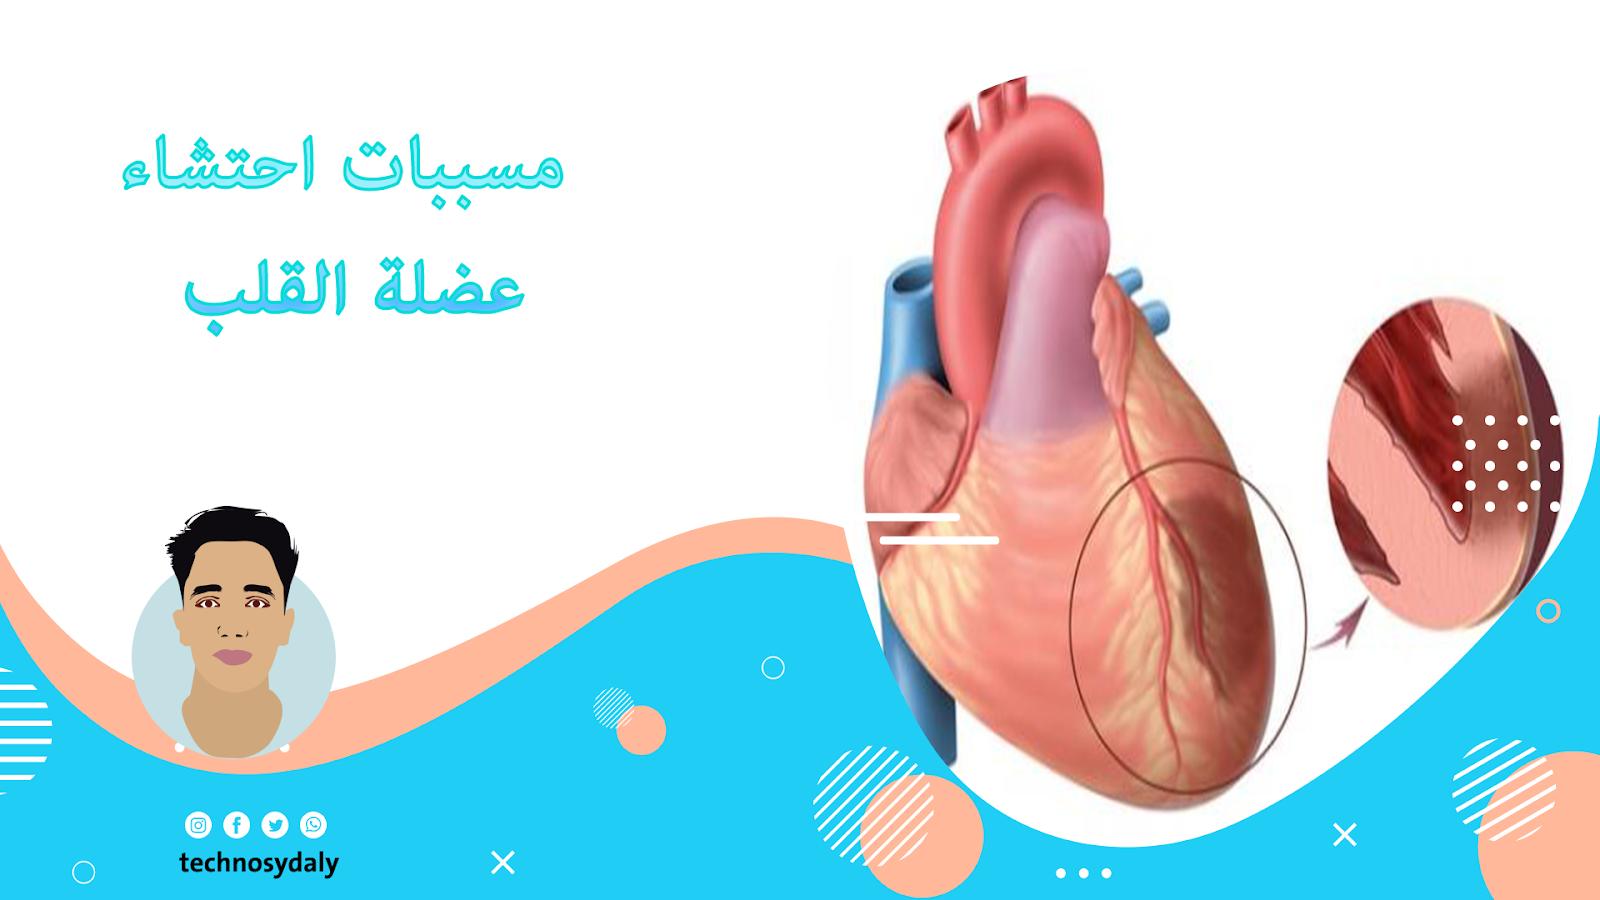 ماهي اسباب احتشاء عضلة القلب؟